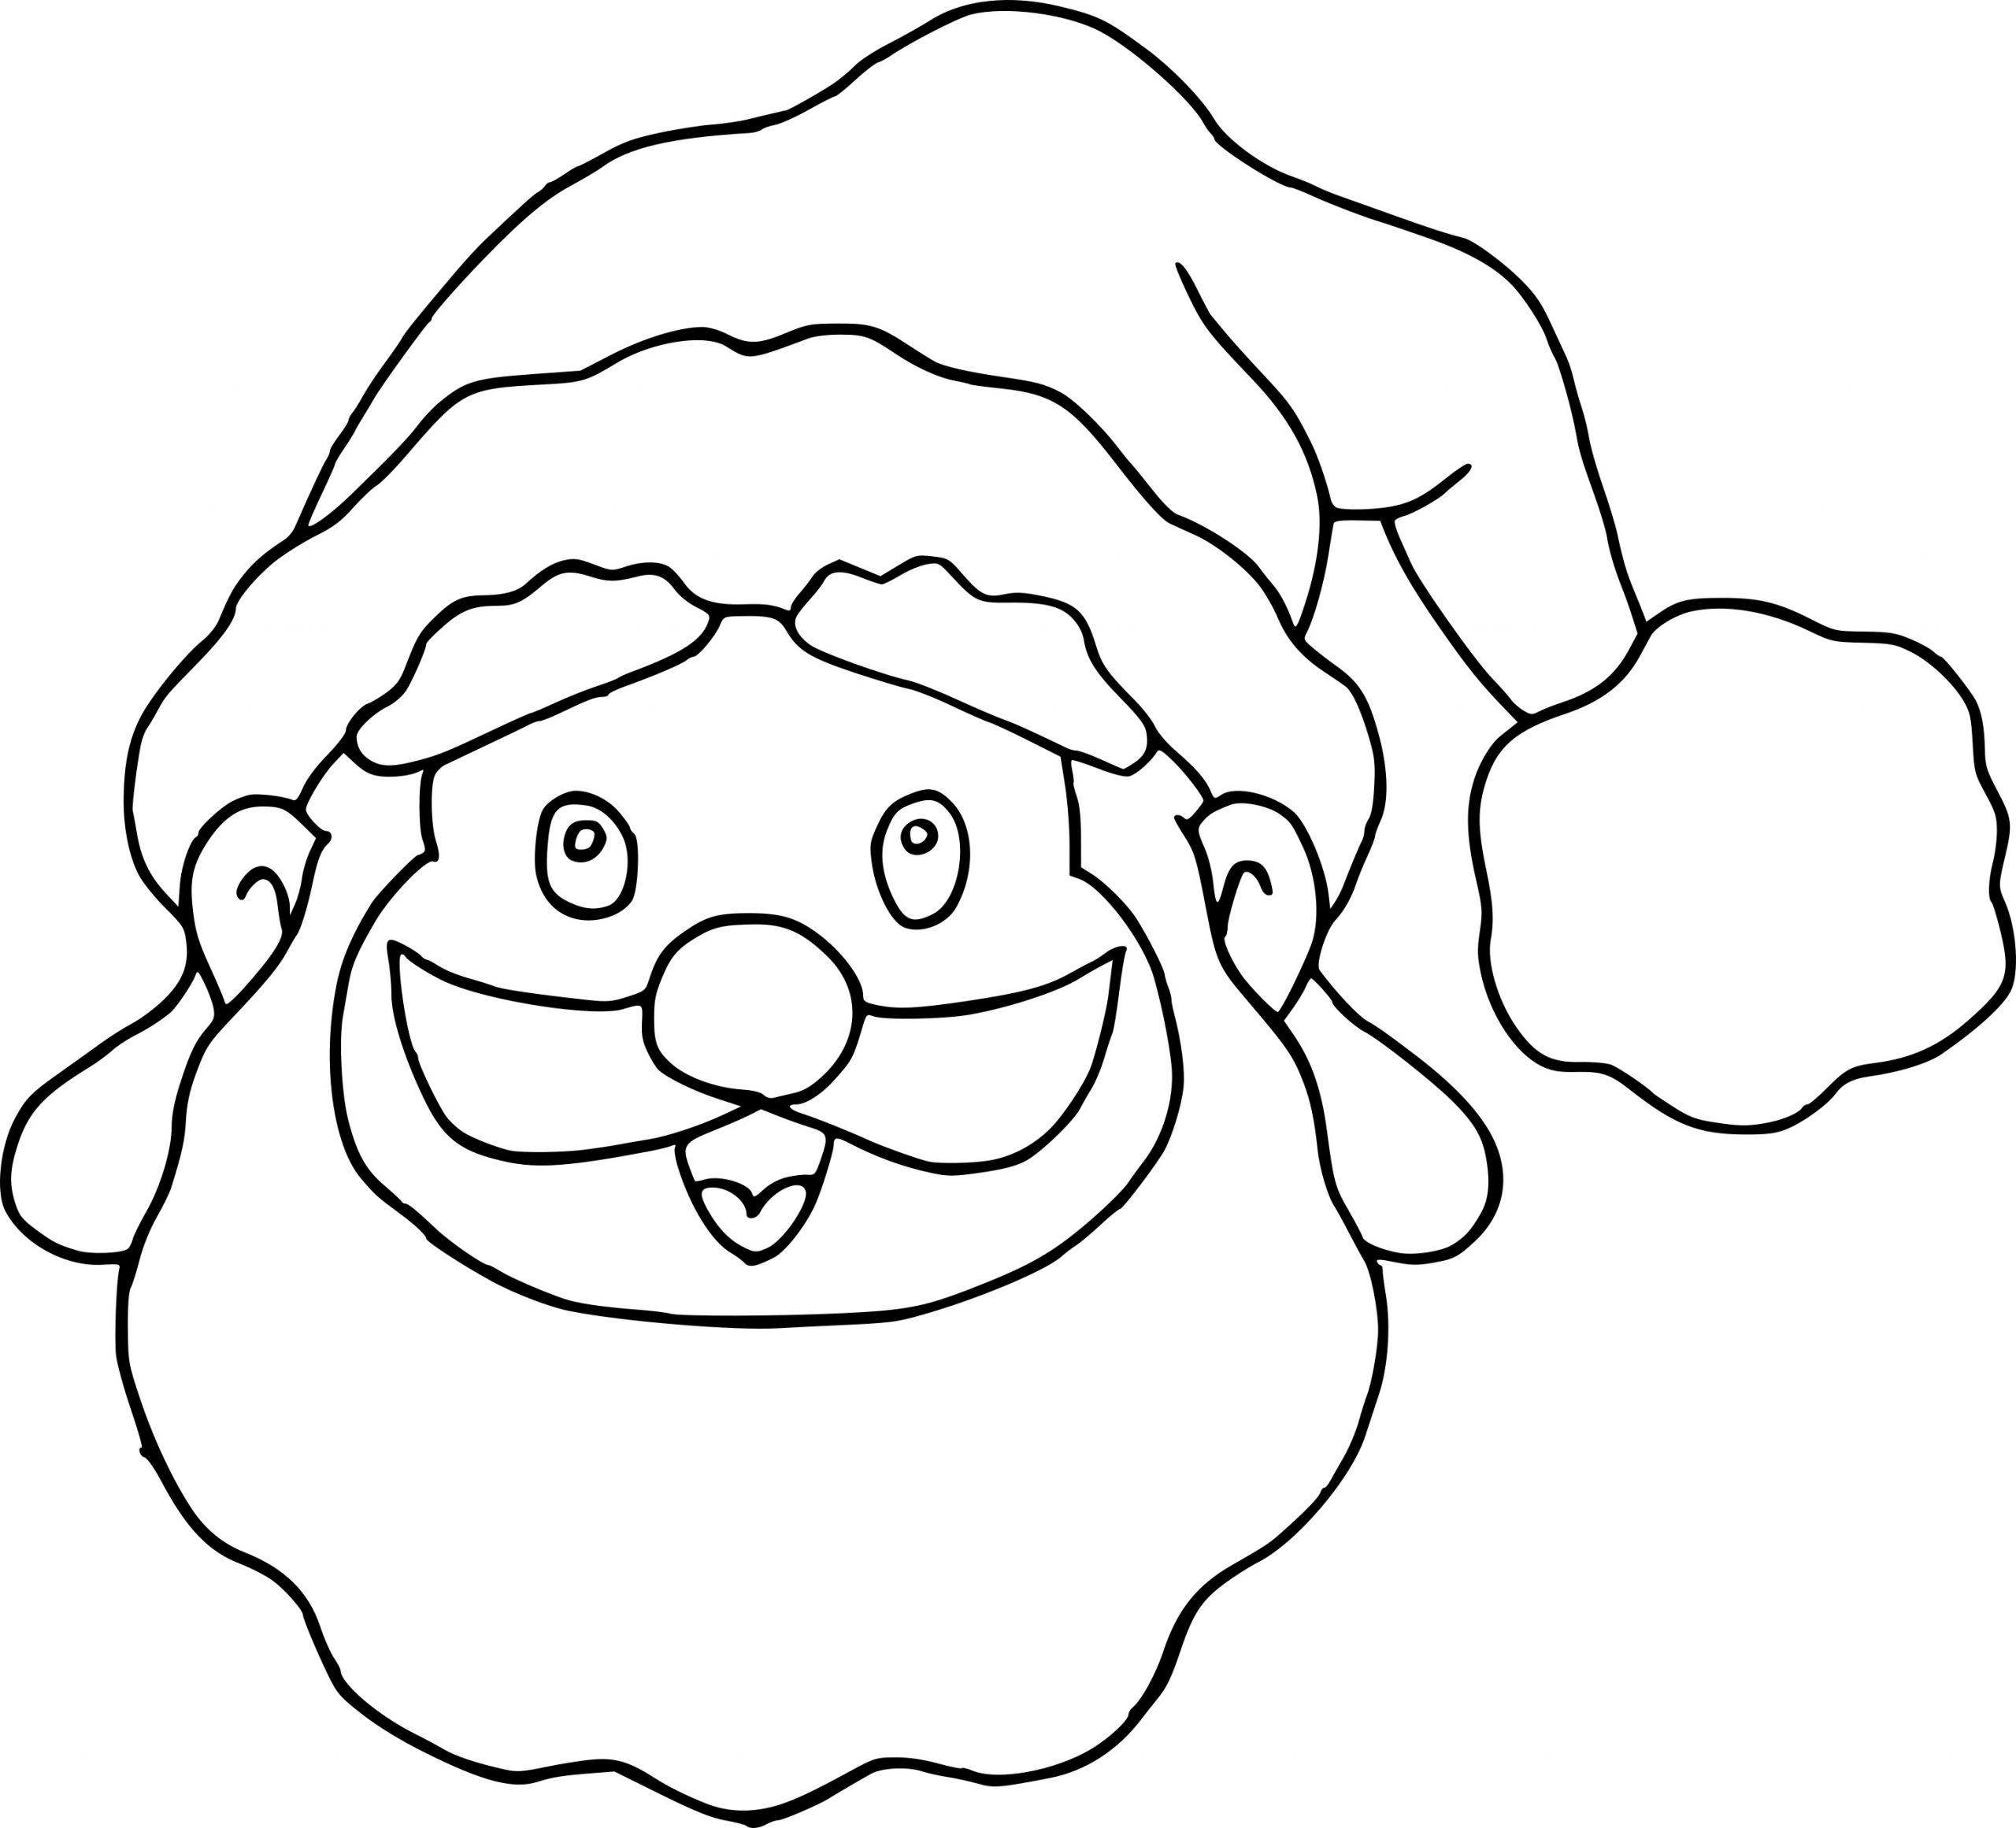 Coloriage Masque Père Noël À Imprimer Sur Coloriages à Pere Noel À Colorier Et Imprimer